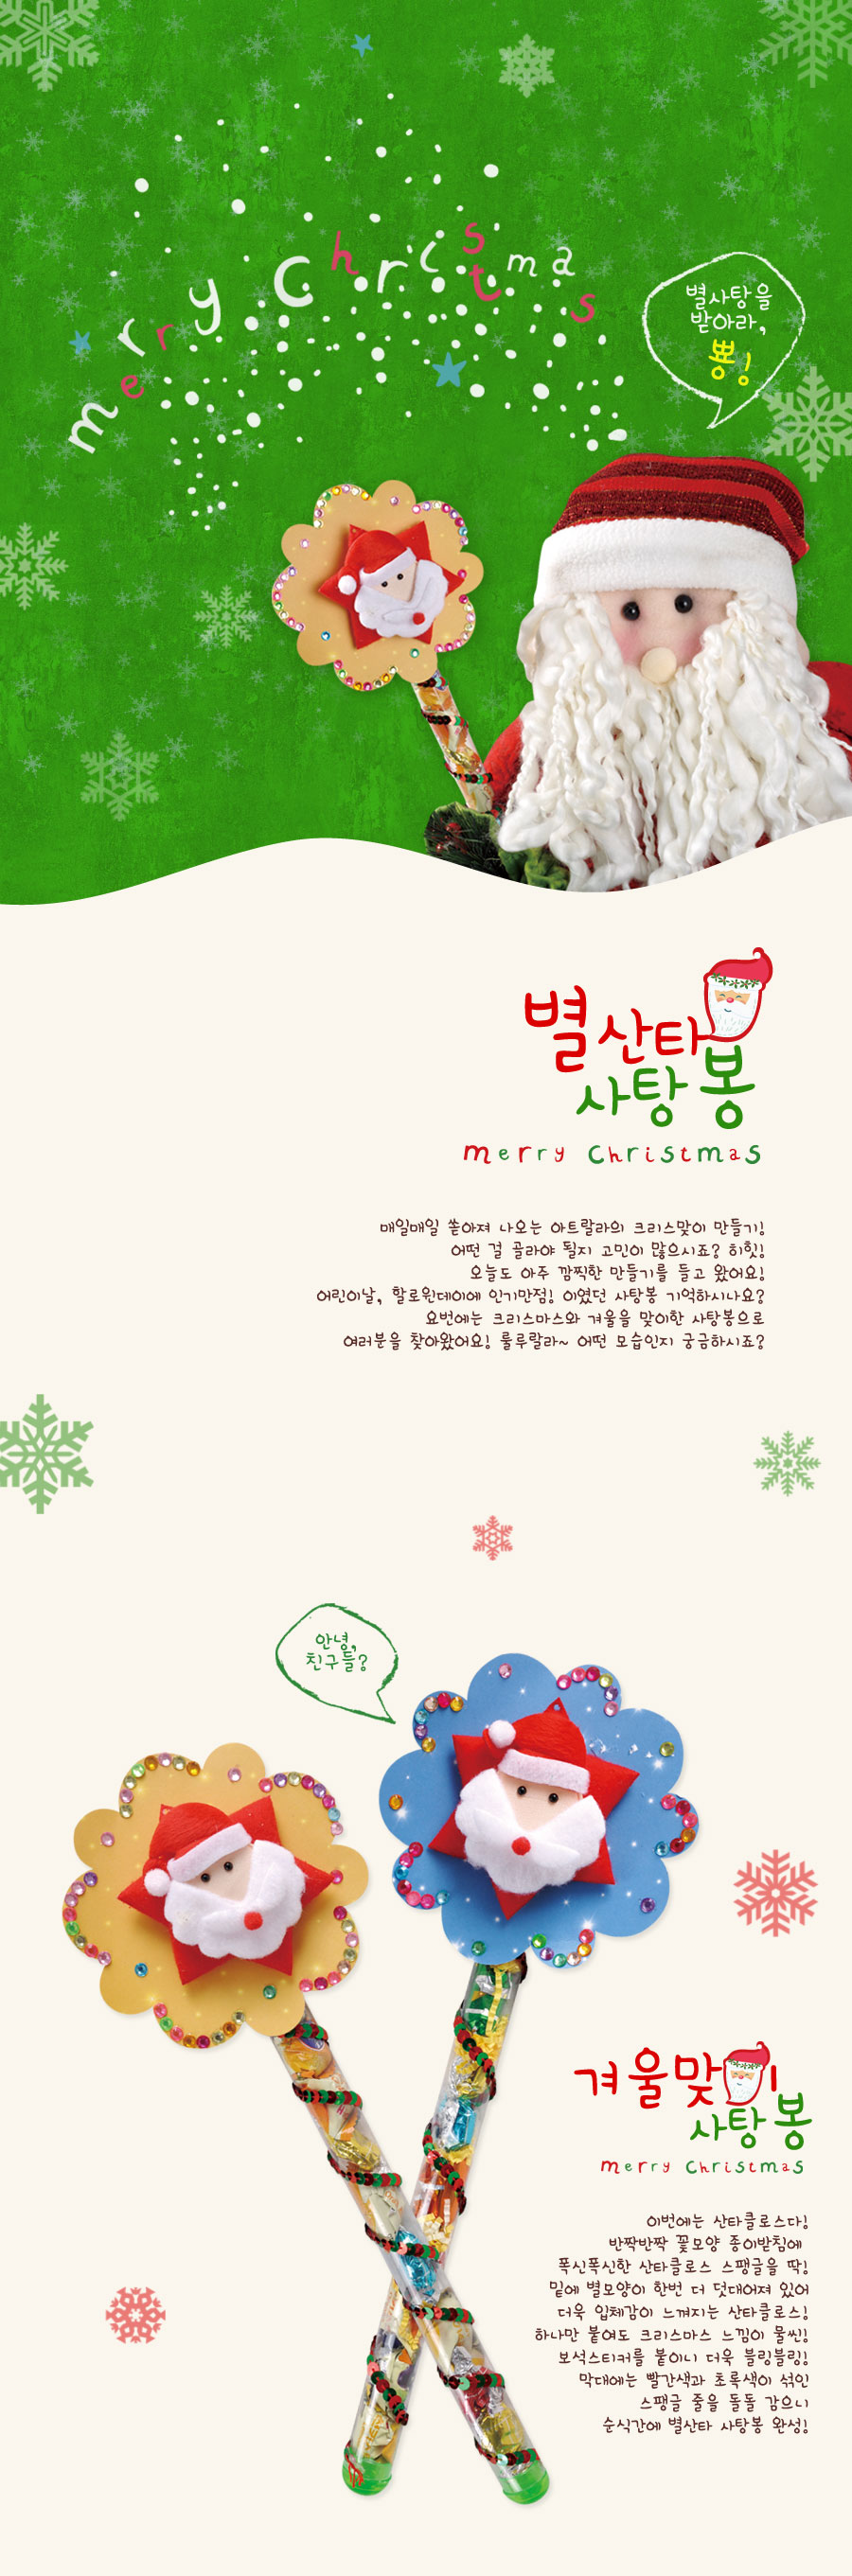 별산타 사탕봉 ( 5인용 ) - 아트랄라, 9,900원, 장식품, 크리스마스소품